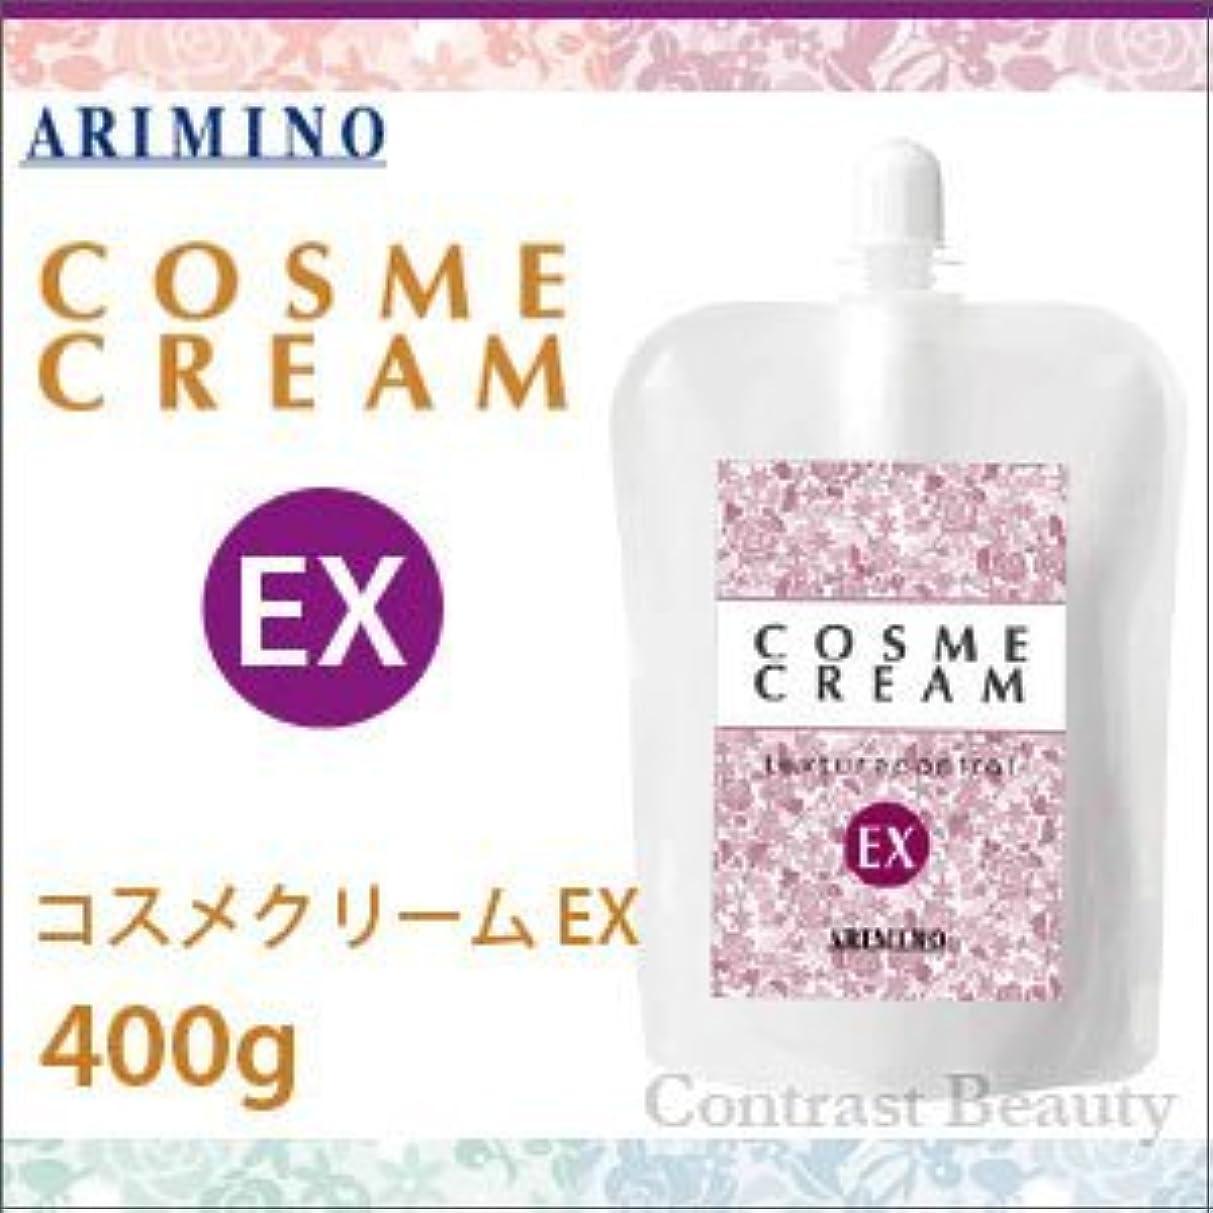 ミネラル払い戻し不調和アリミノ コスメクリーム EX 400g